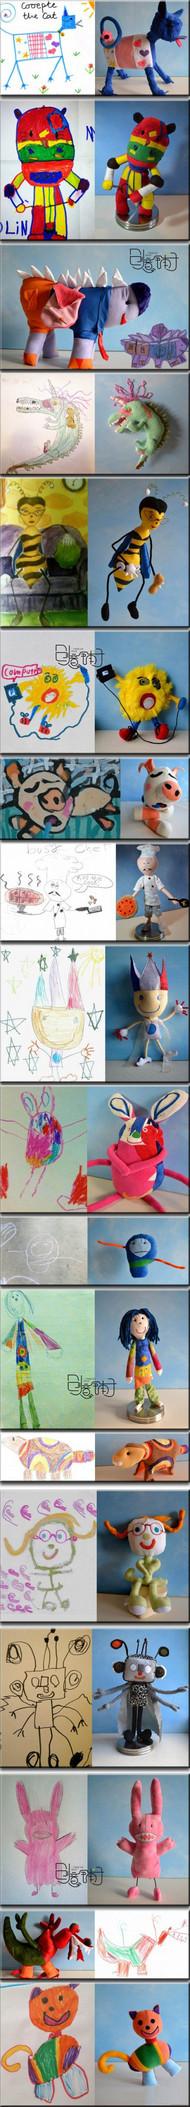 【伟大的母爱】一切来自一个真实的灵感,一位母亲把她四岁儿子的涂鸦做成长毛绒玩具,真是让人感动的创意!